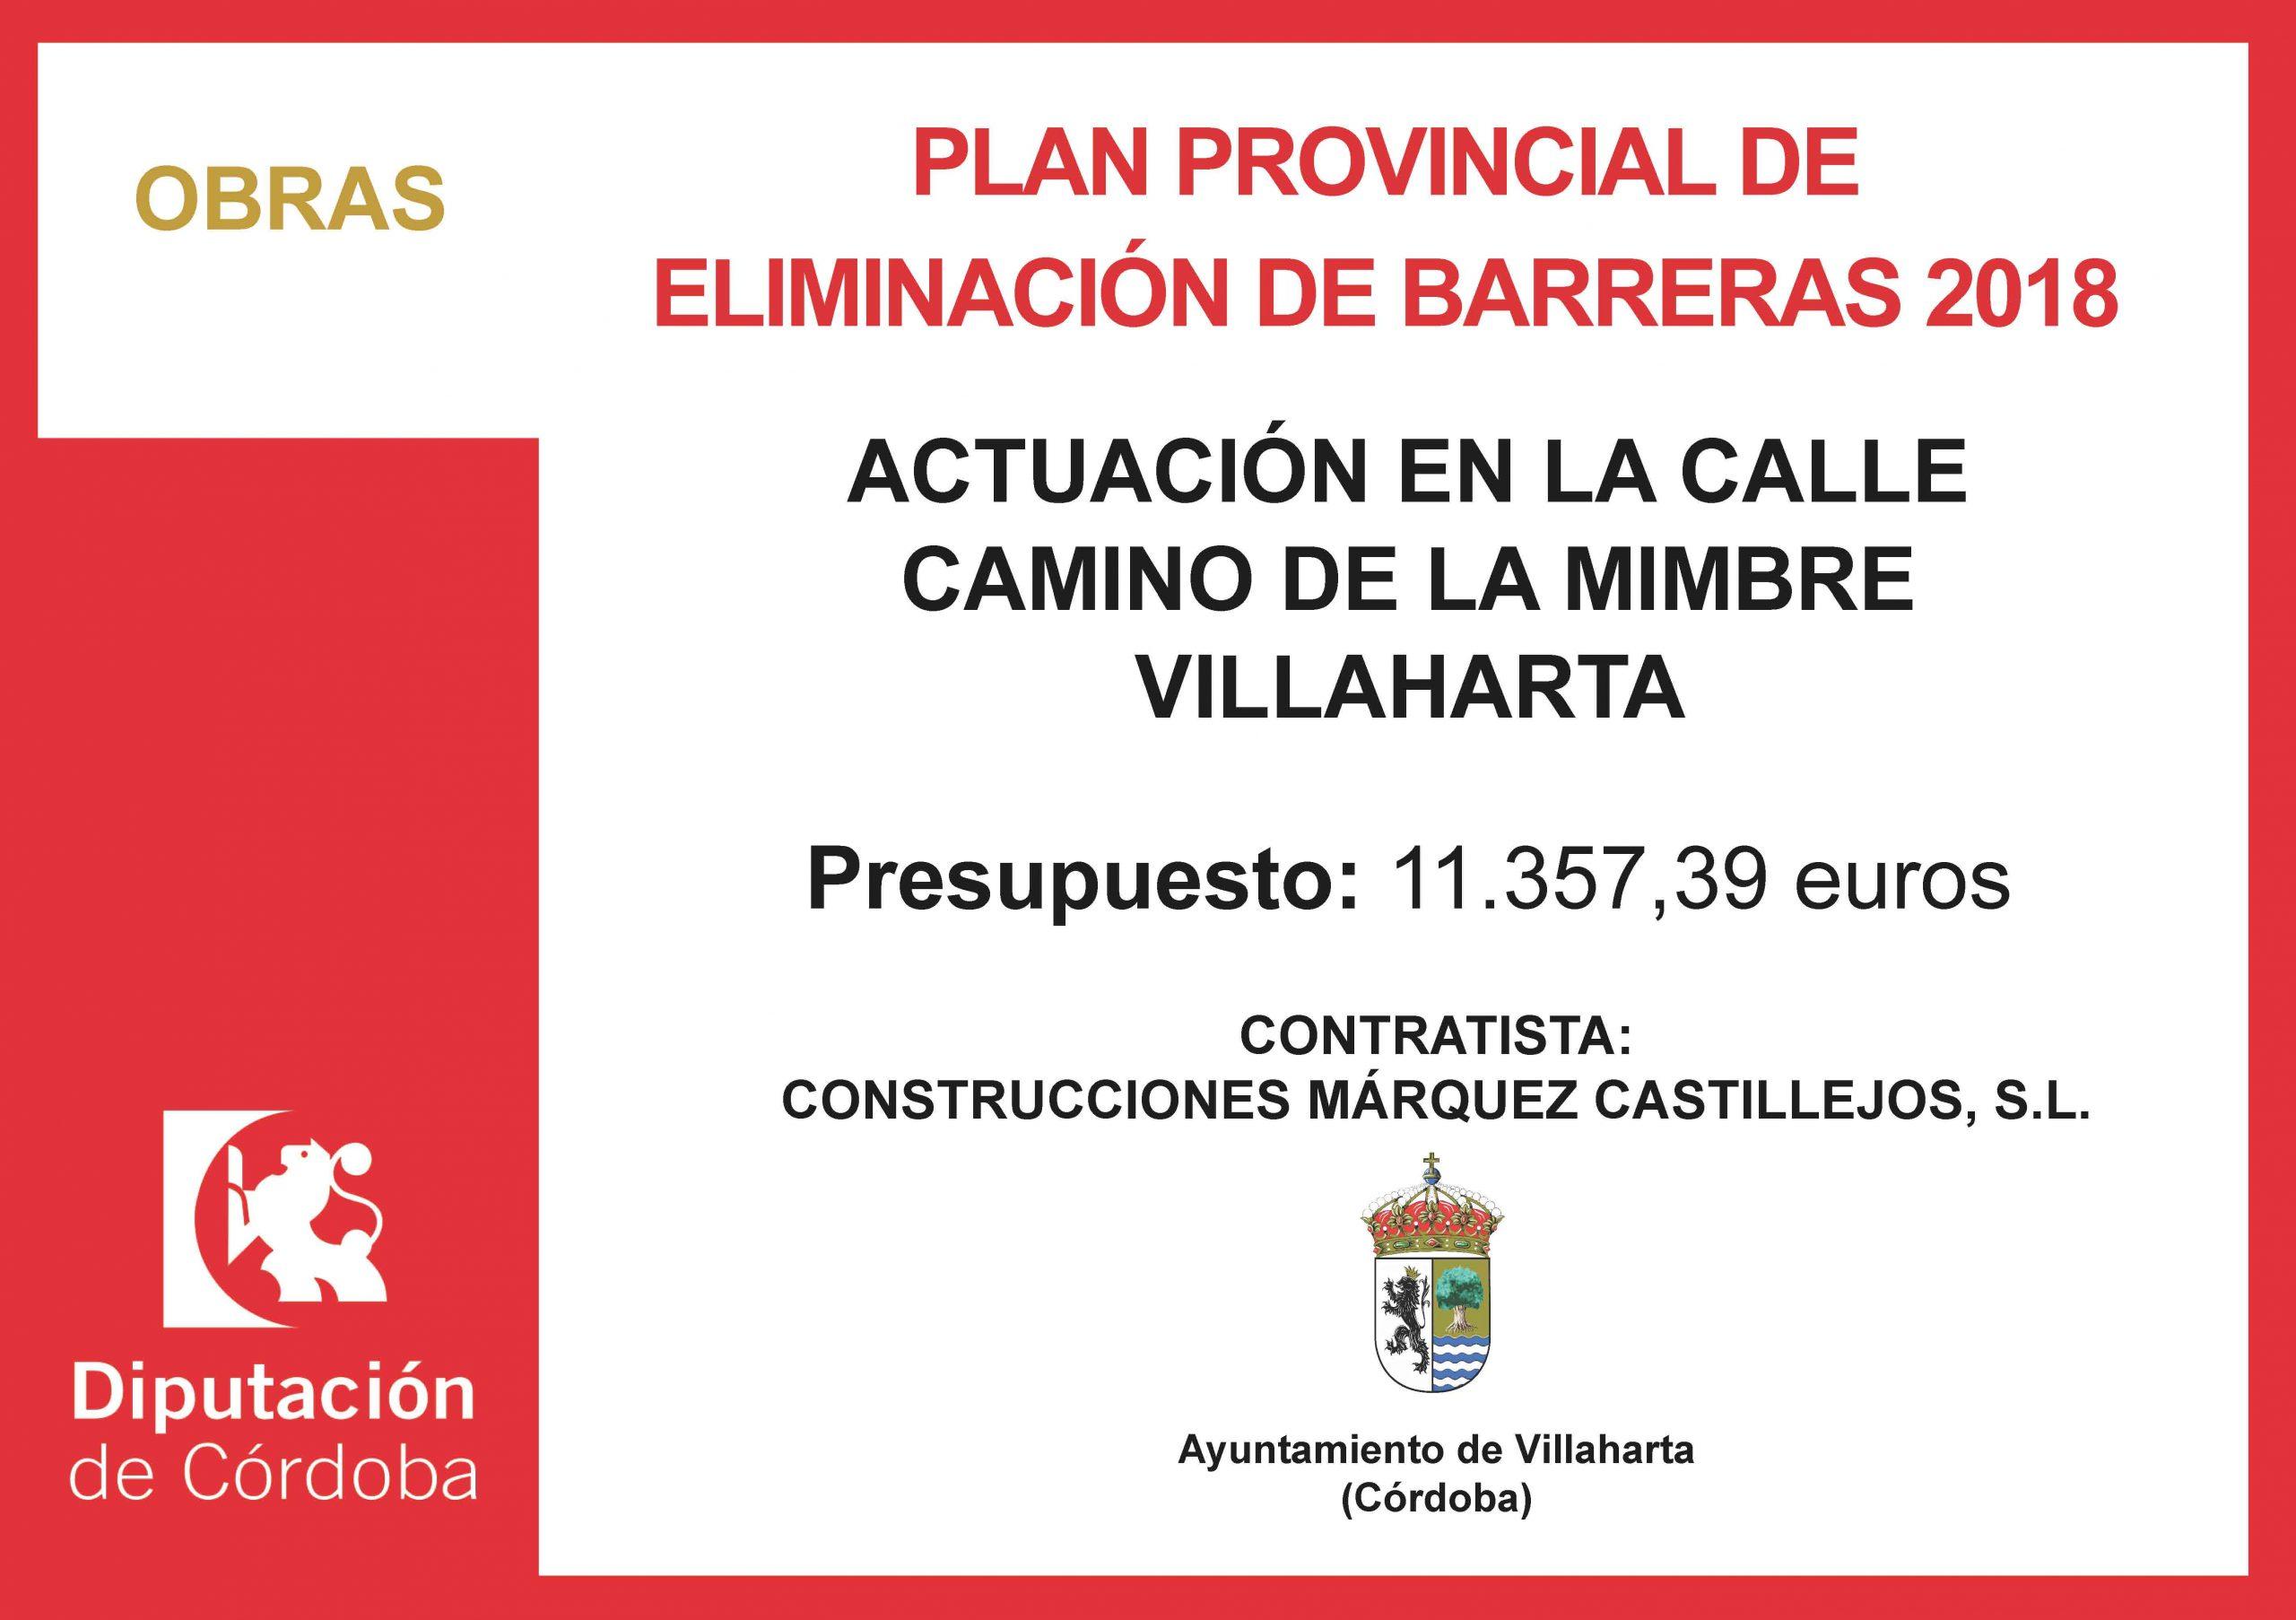 SUBVENCIONES RECIBIDAS. 2018 29